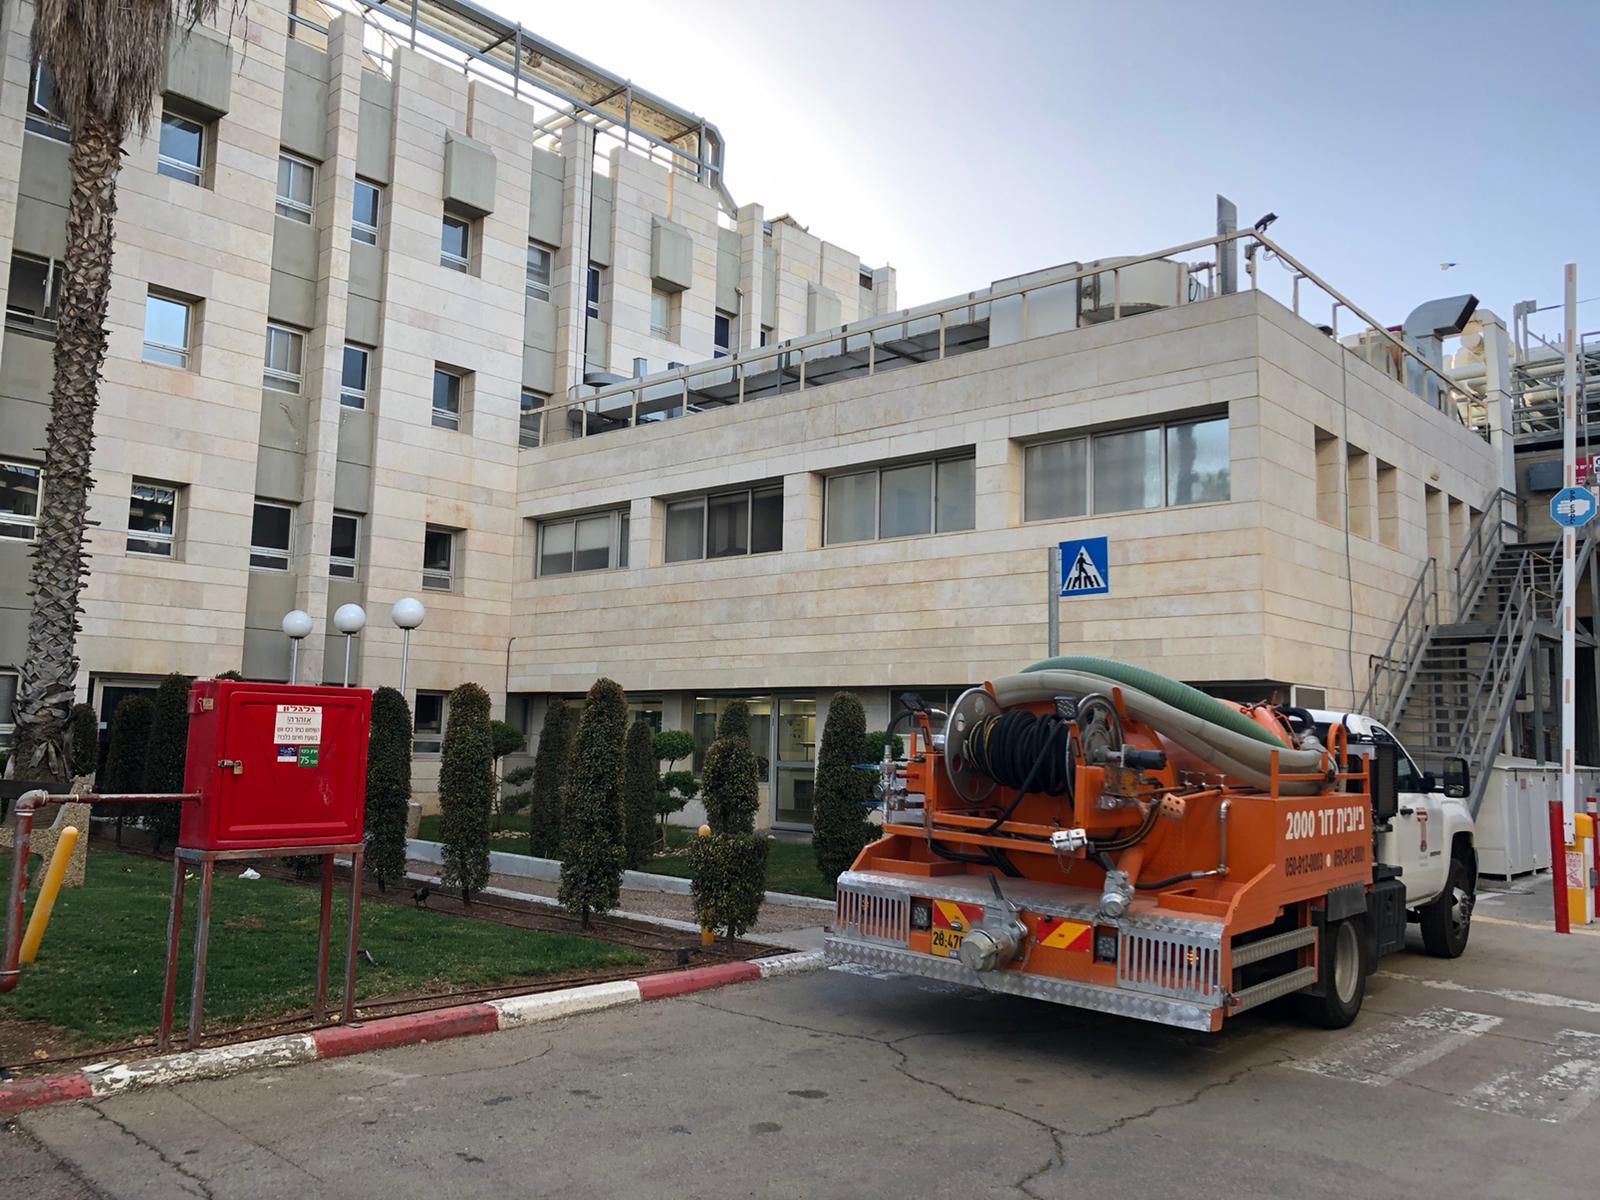 פתיחת סתימה לחברת תרופות בהר הצופים בירושלים.